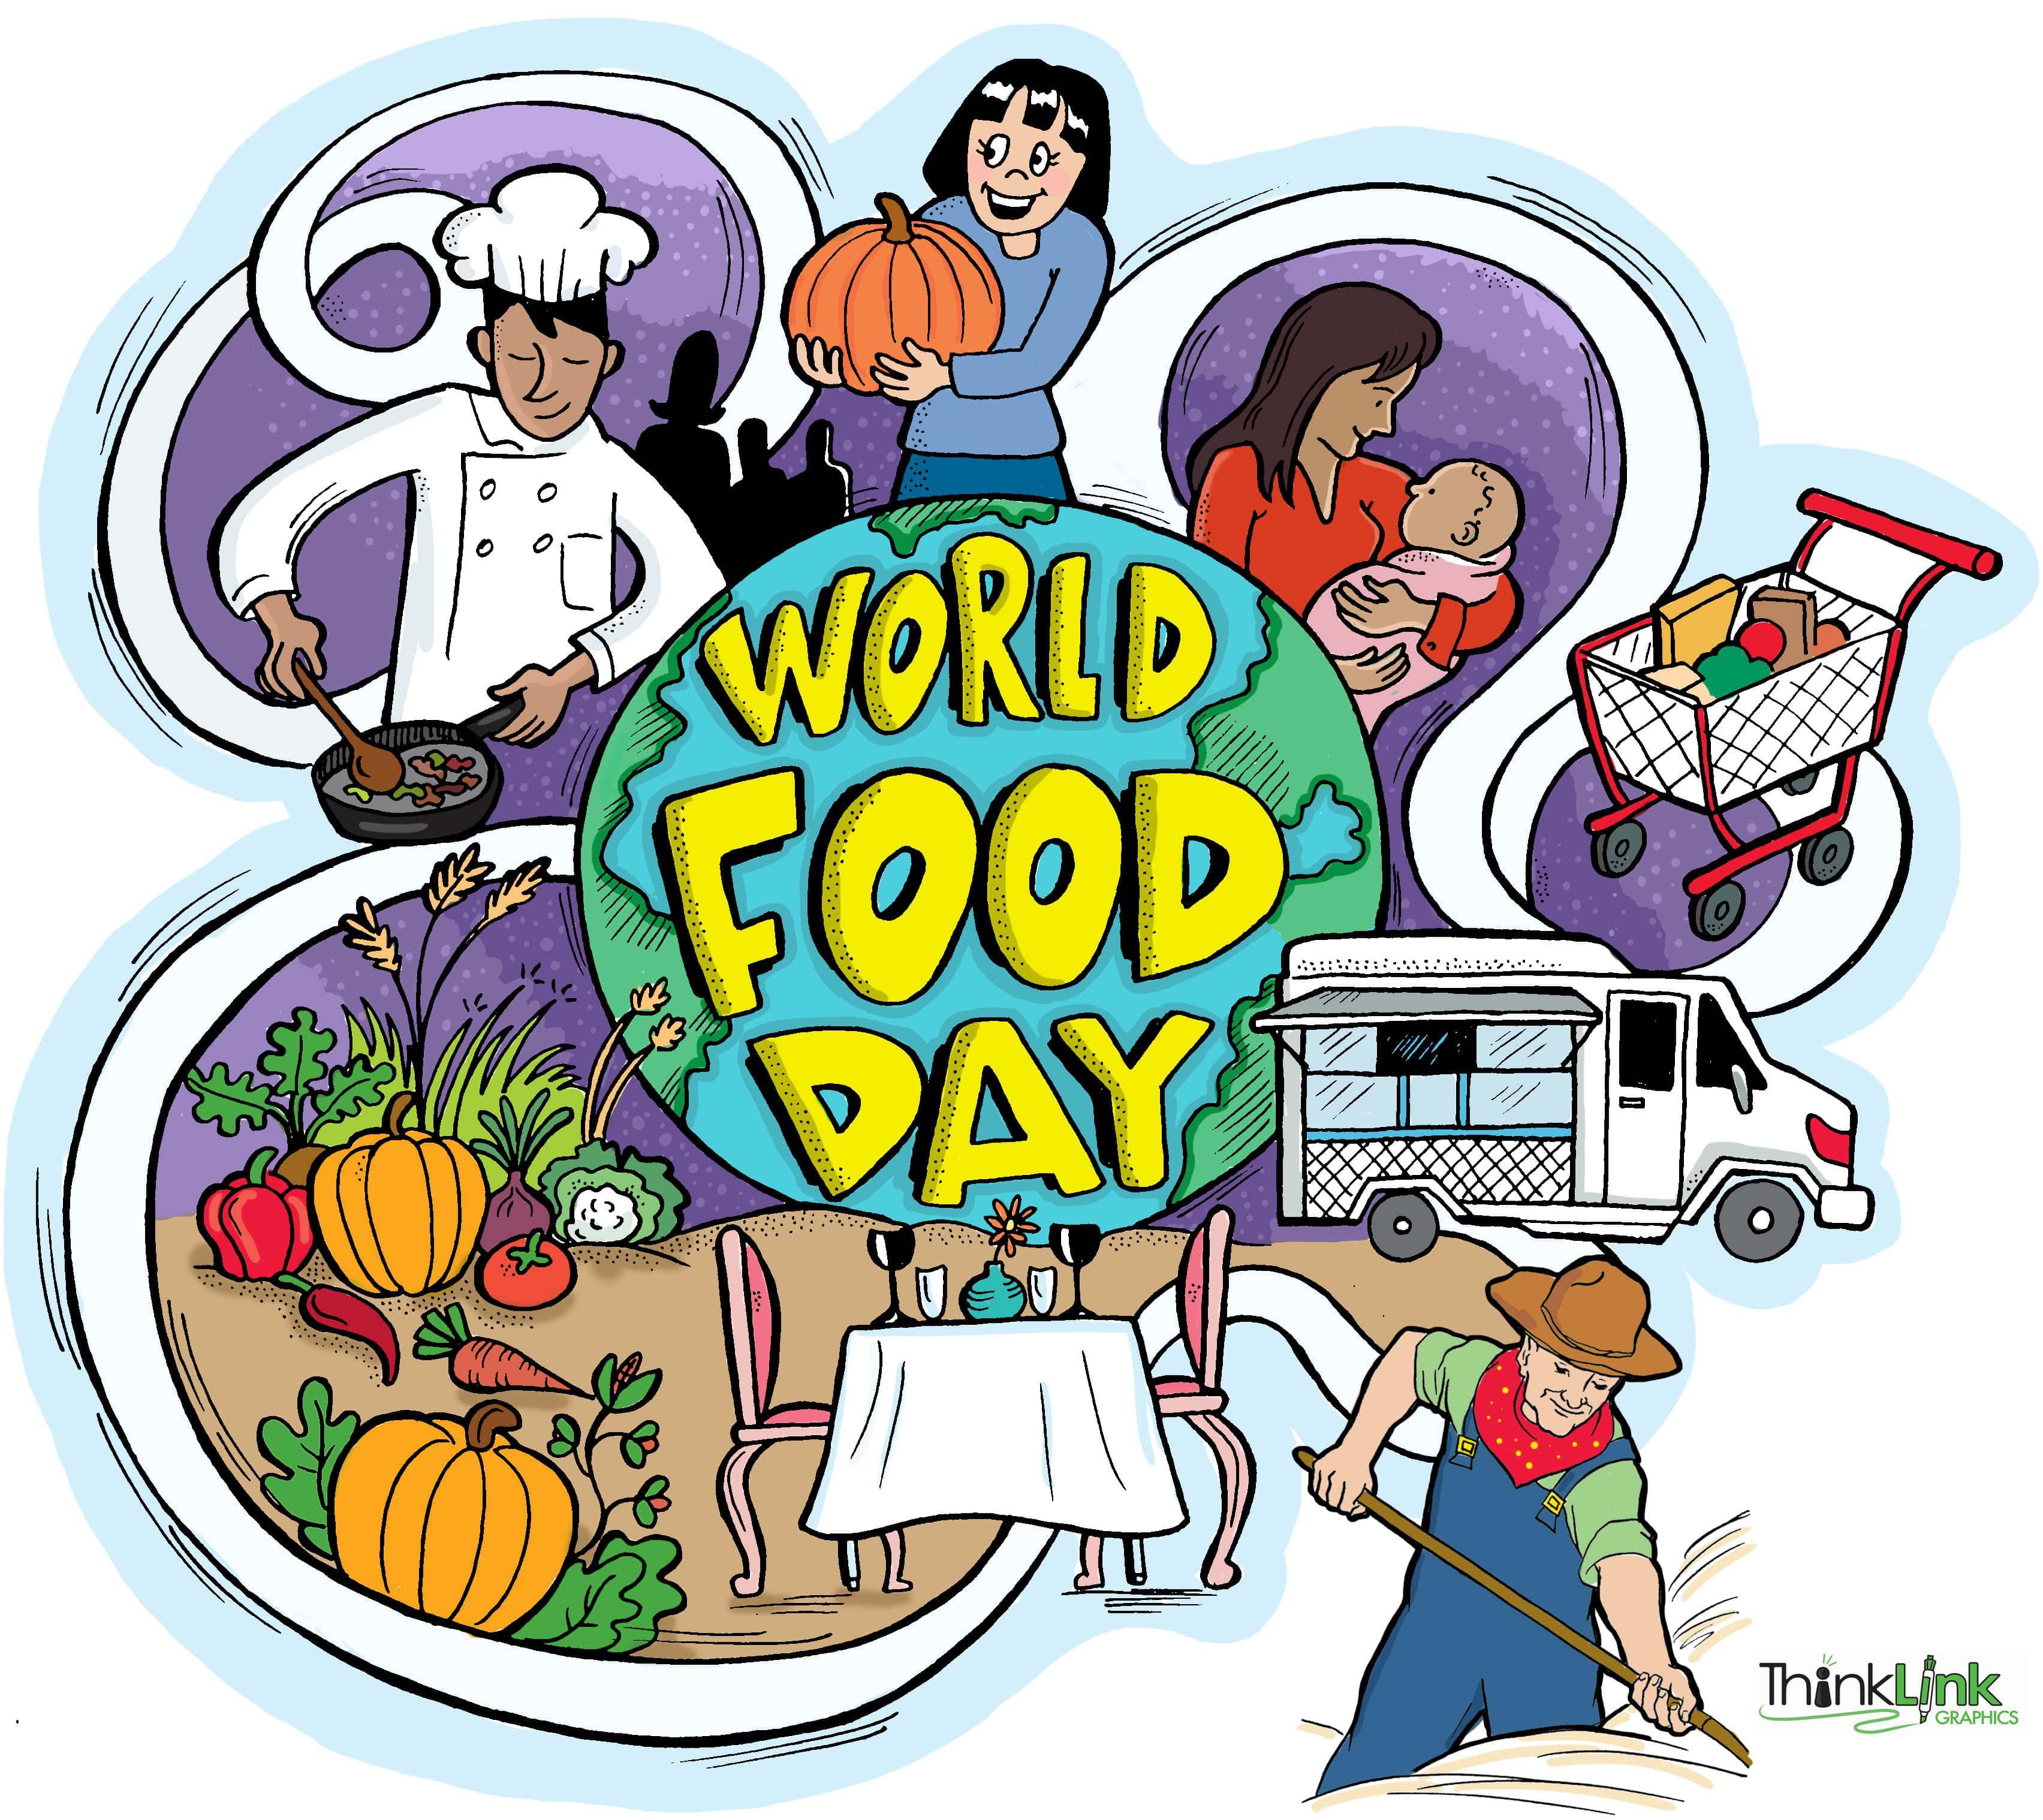 Ob svetovnem dnevu hrane: Skupaj za izkoreninjenje lakote